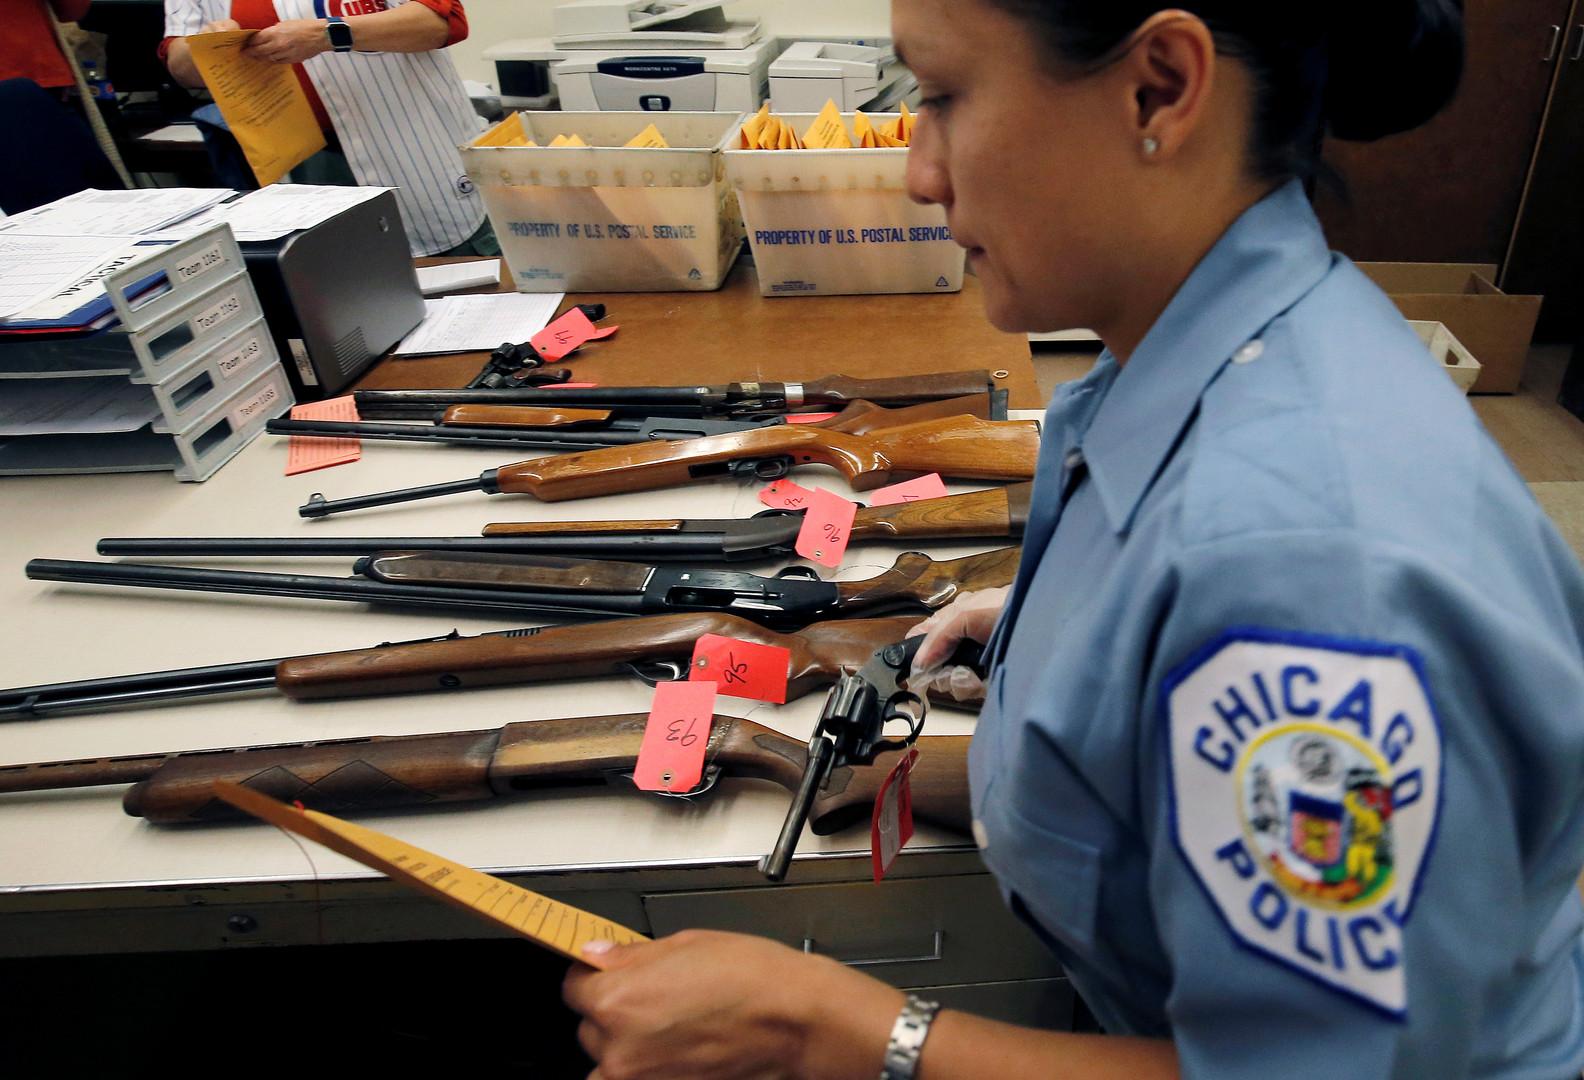 Август 2016 года признан самым жестоким месяцем за 20 лет «летнего насилия» в Чикаго